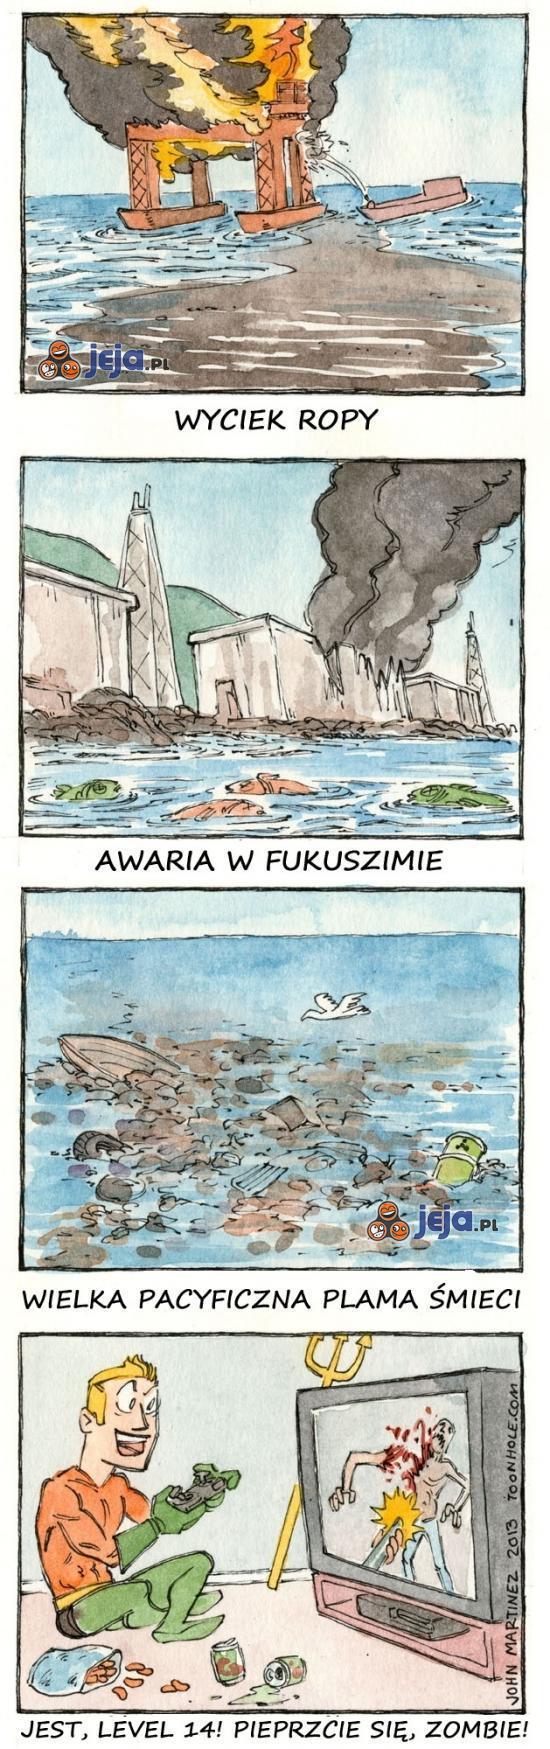 Gdzie jest Aquaman?